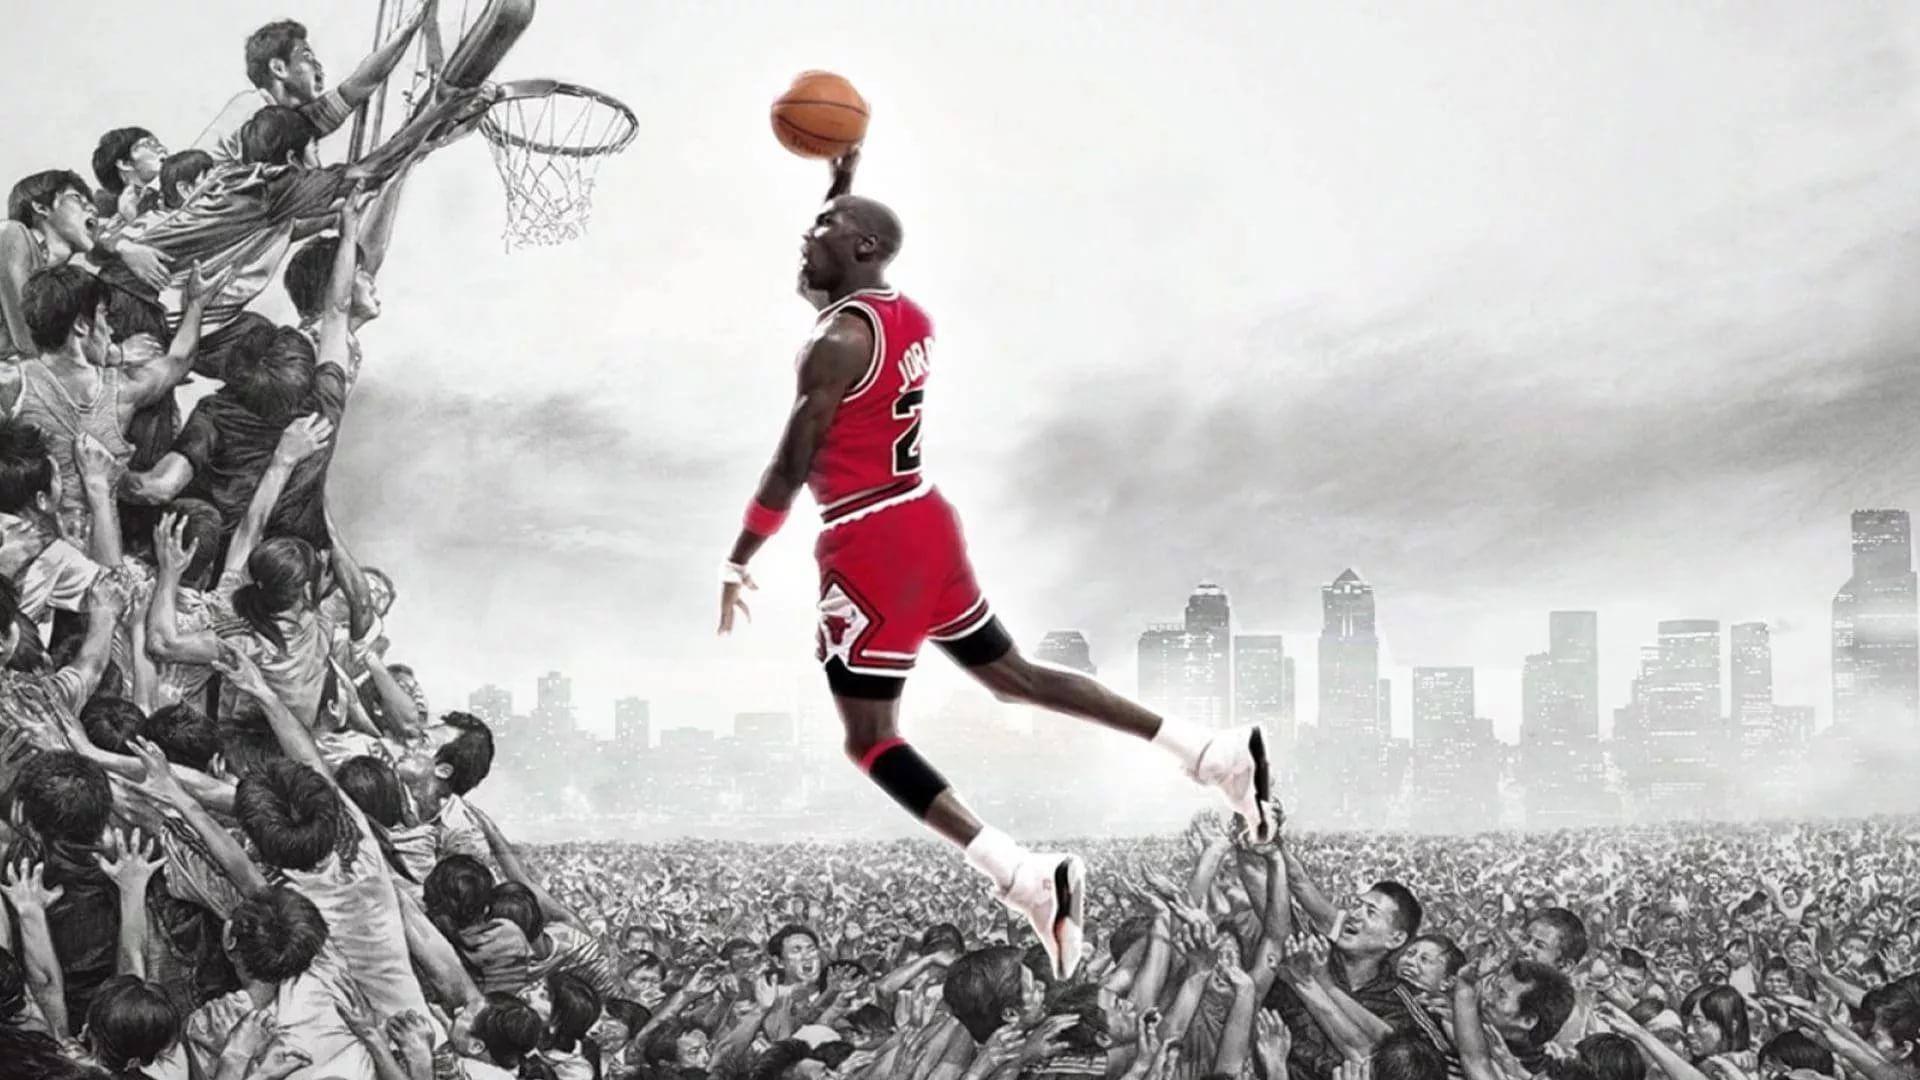 Nike Basketball free download wallpaper